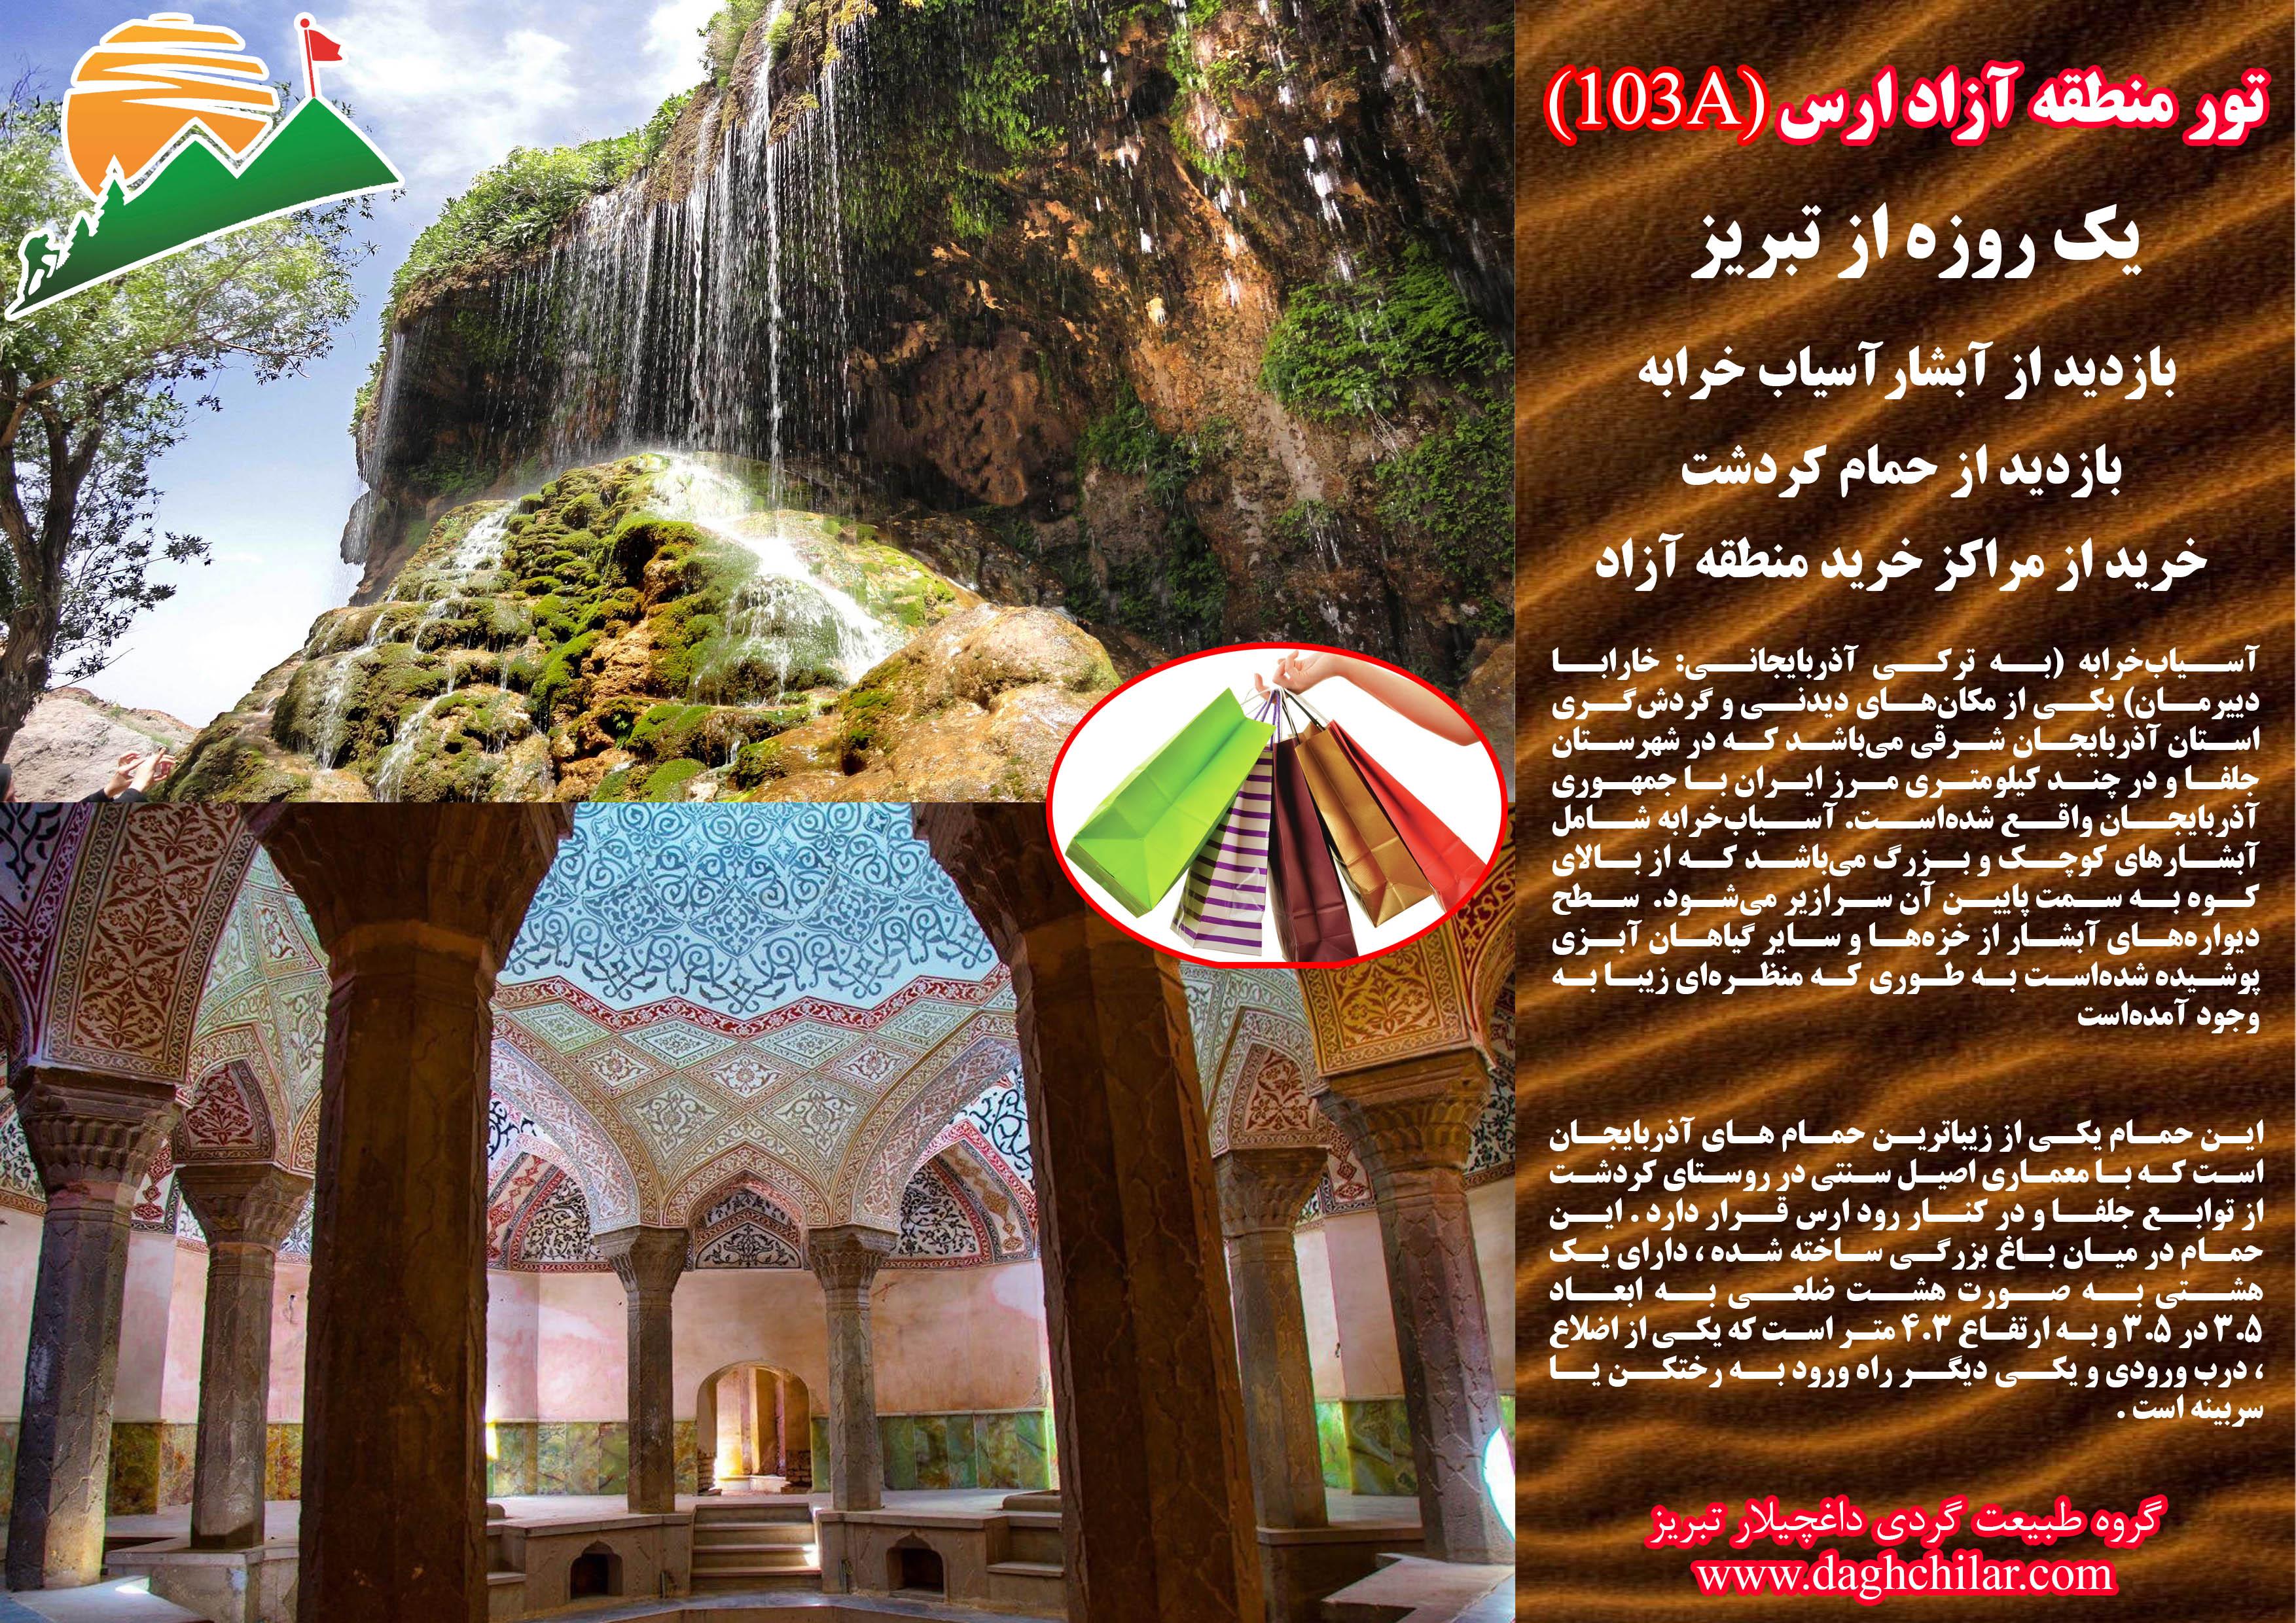 تصویر از تور پیشنهادی آبشار آسیاب خرابه و حمام کردشت